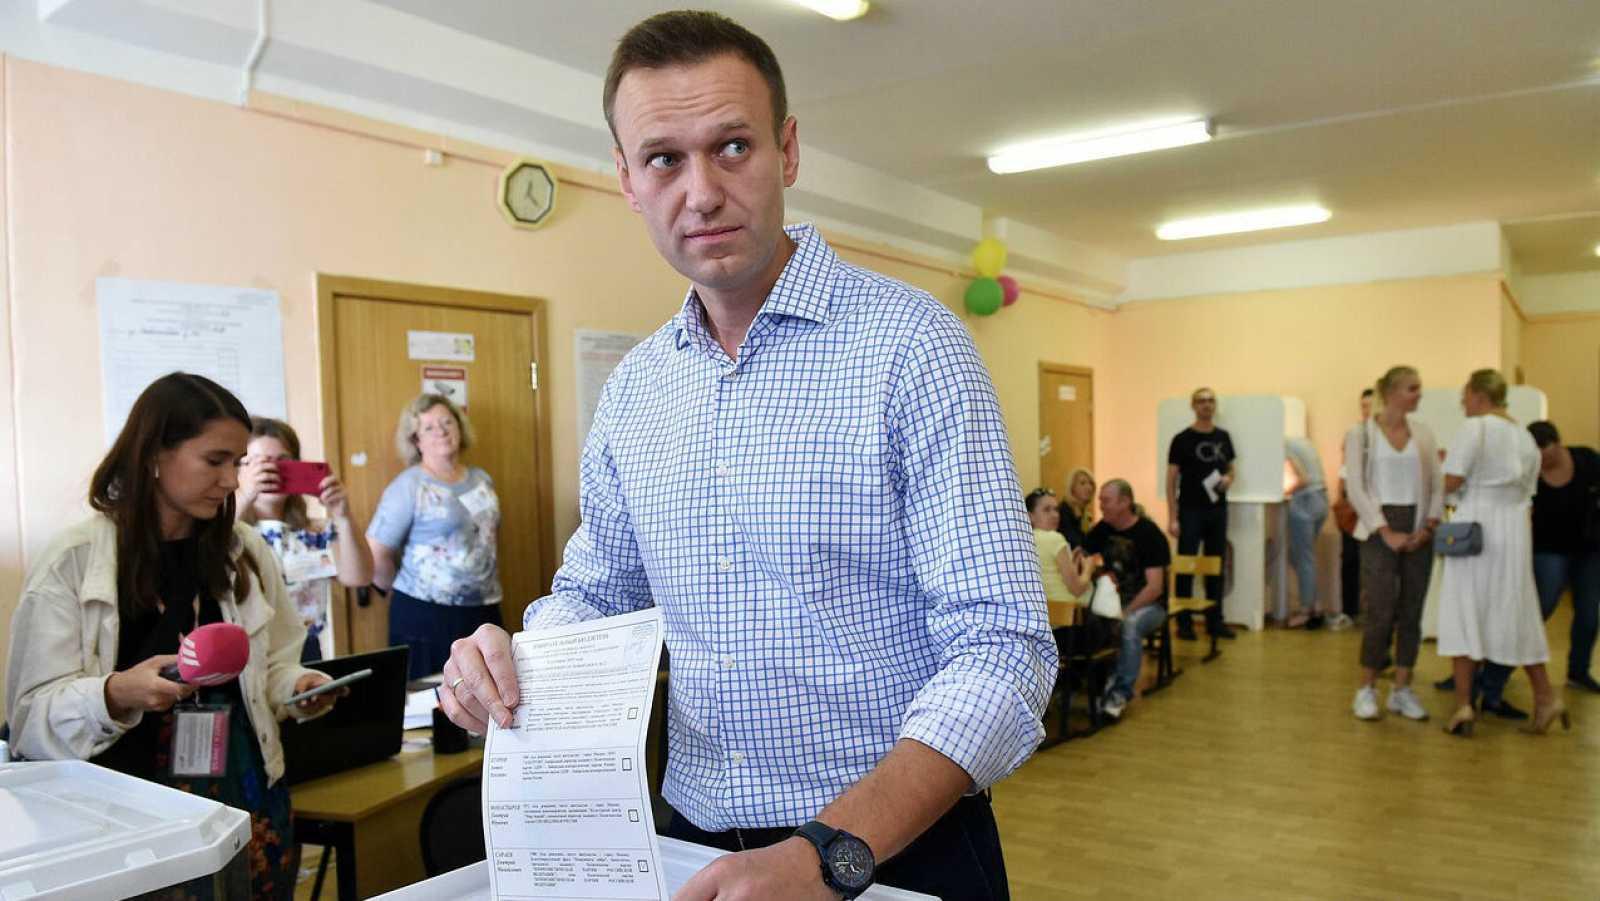 El activista de oposición ruso, Alexei Navalny, emitiendo su voto en un colegio electoral durante las elecciones a la Duma de la ciudad de Moscú, en Moscú, Rusia.